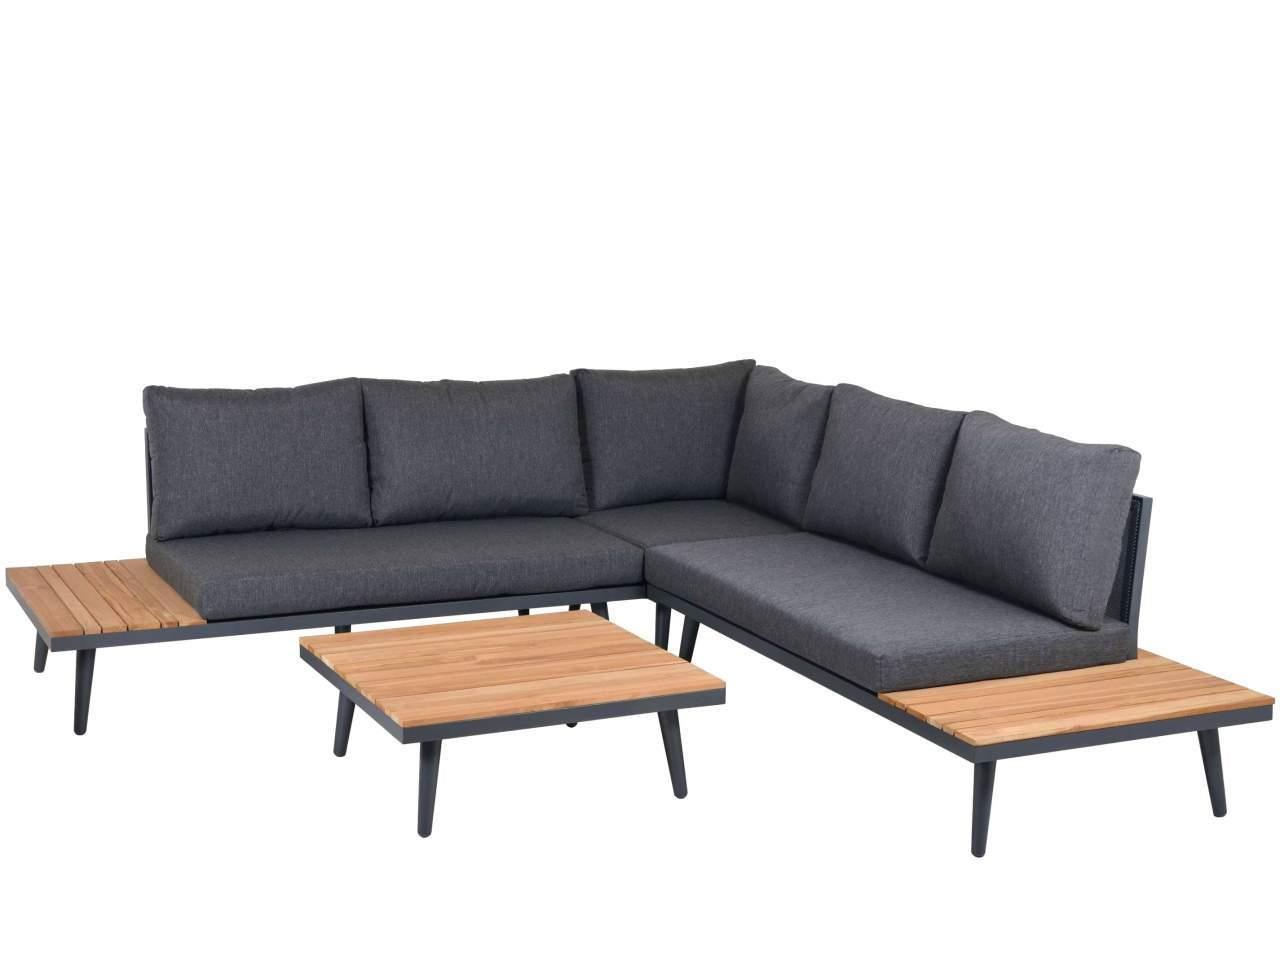 Garten Couch Einzigartig 35 Luxus Couch Garten Einzigartig